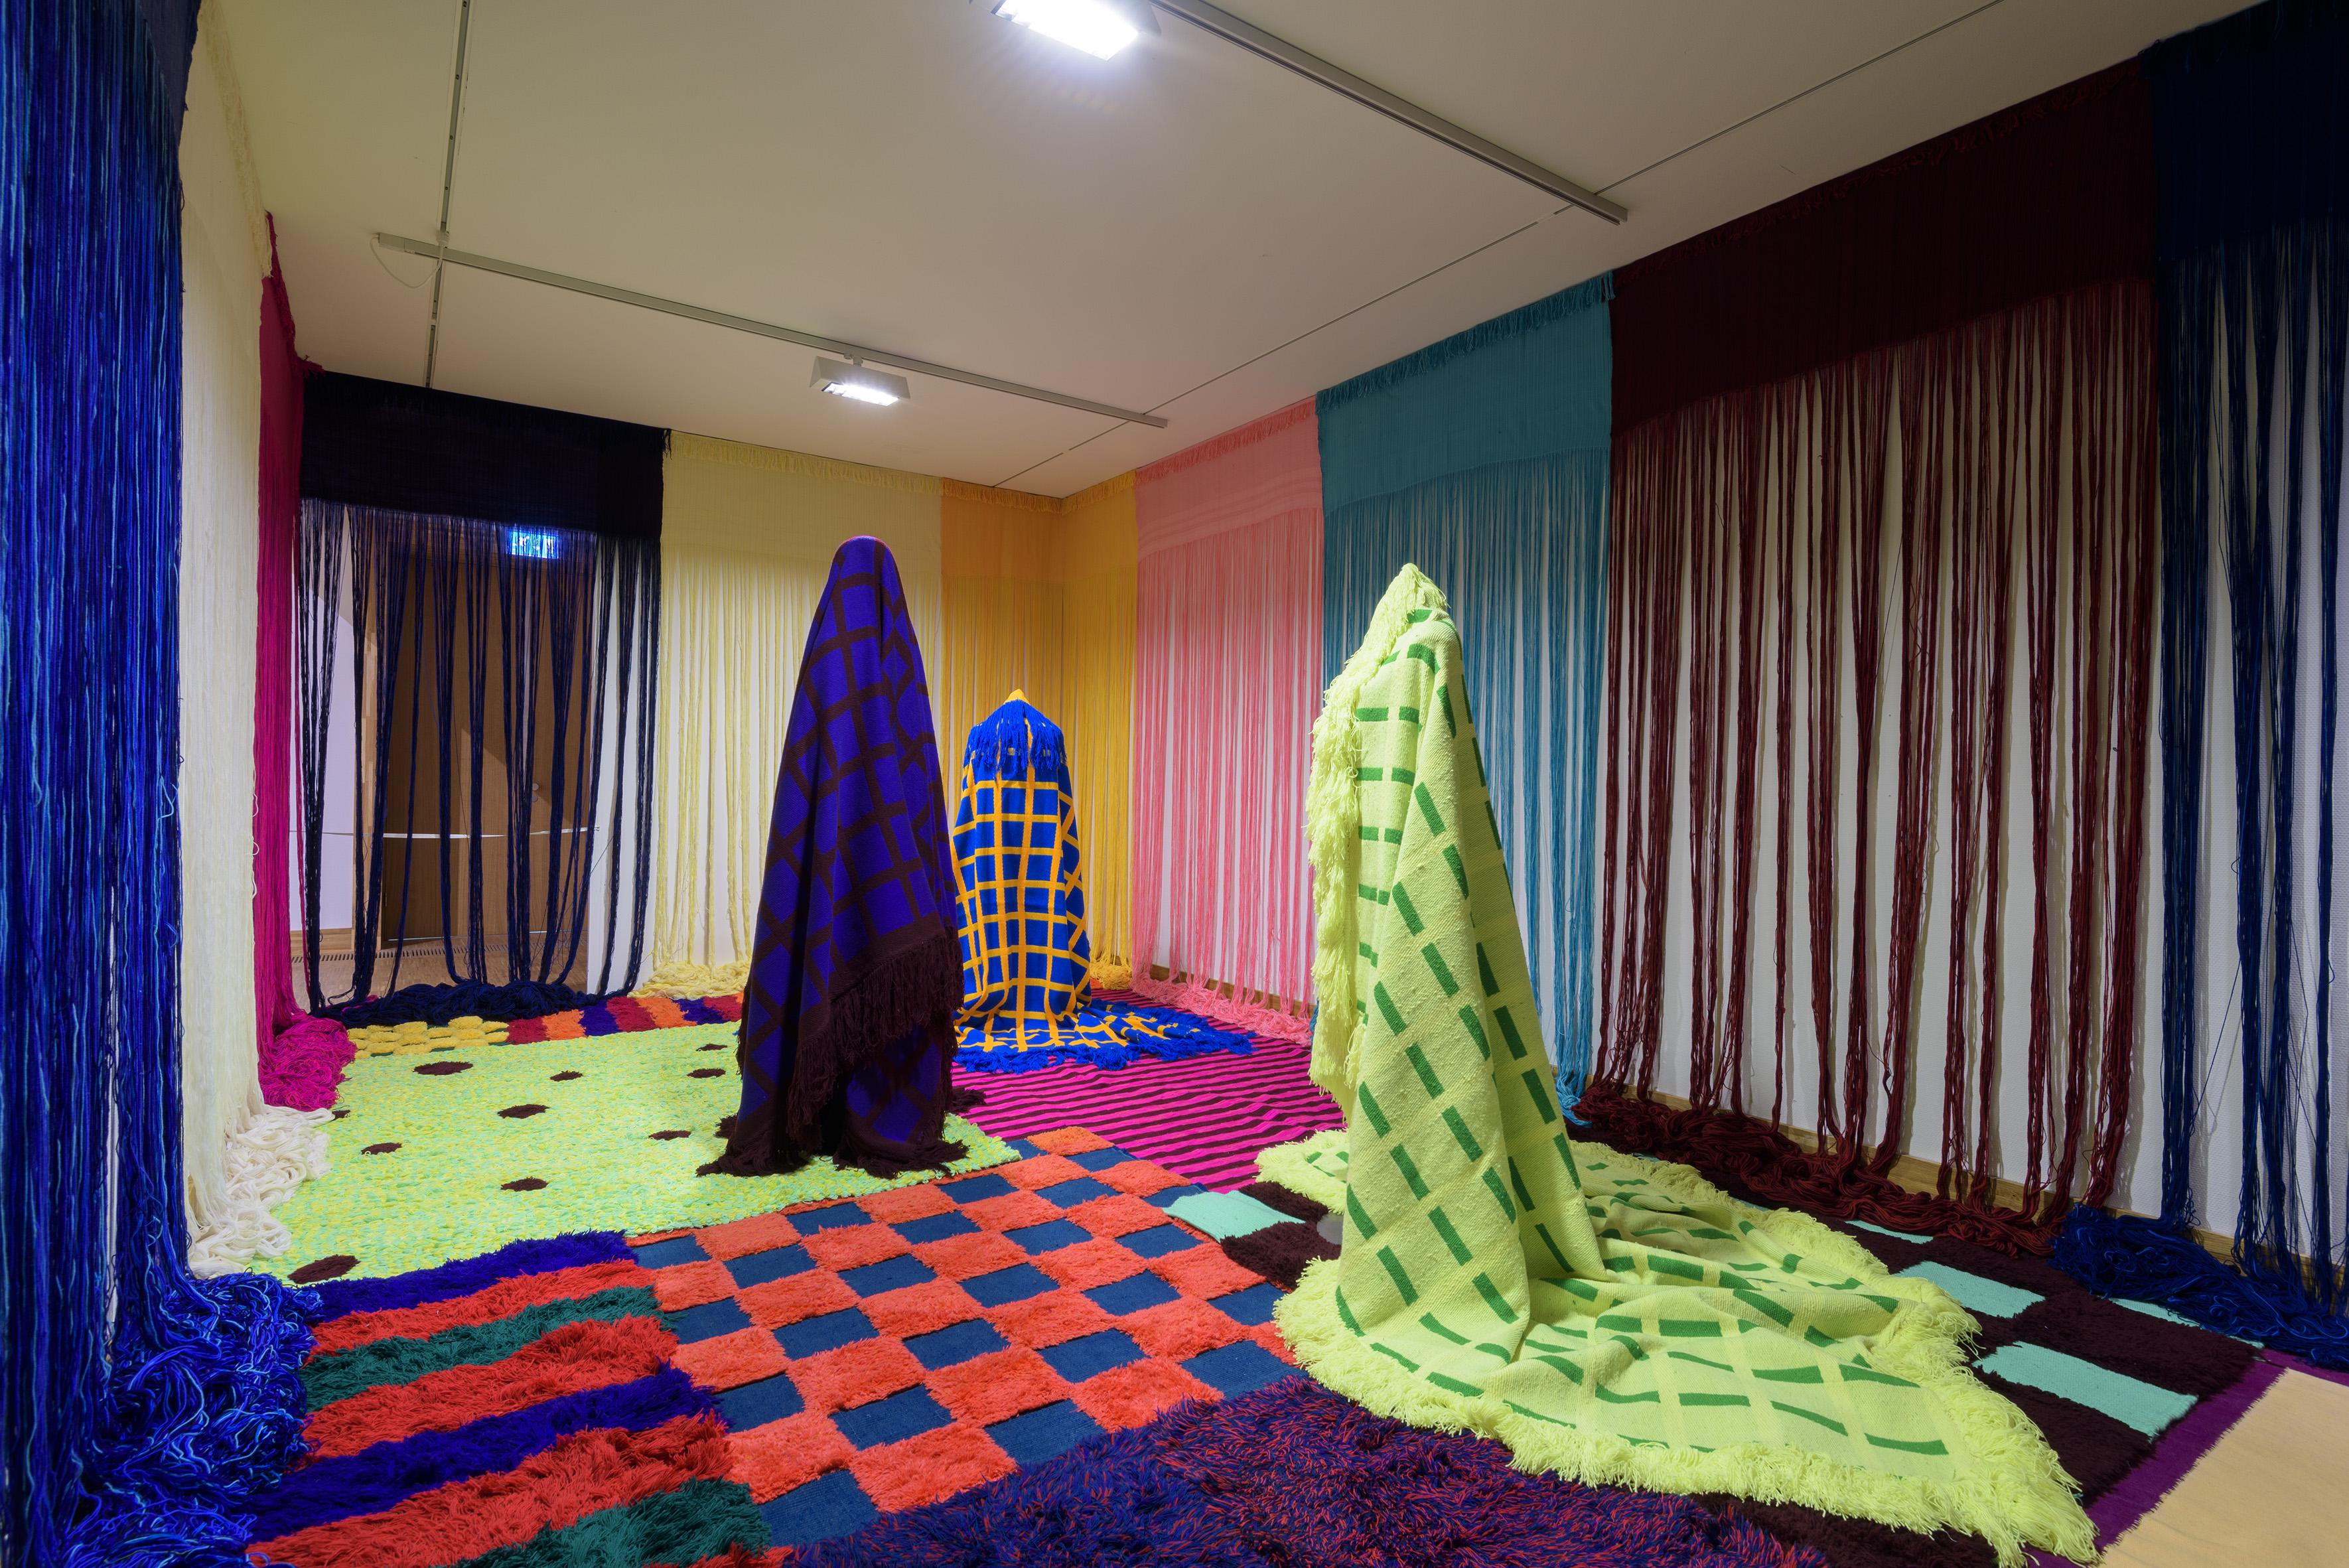 Fransje Killaars, Colours first, 2017